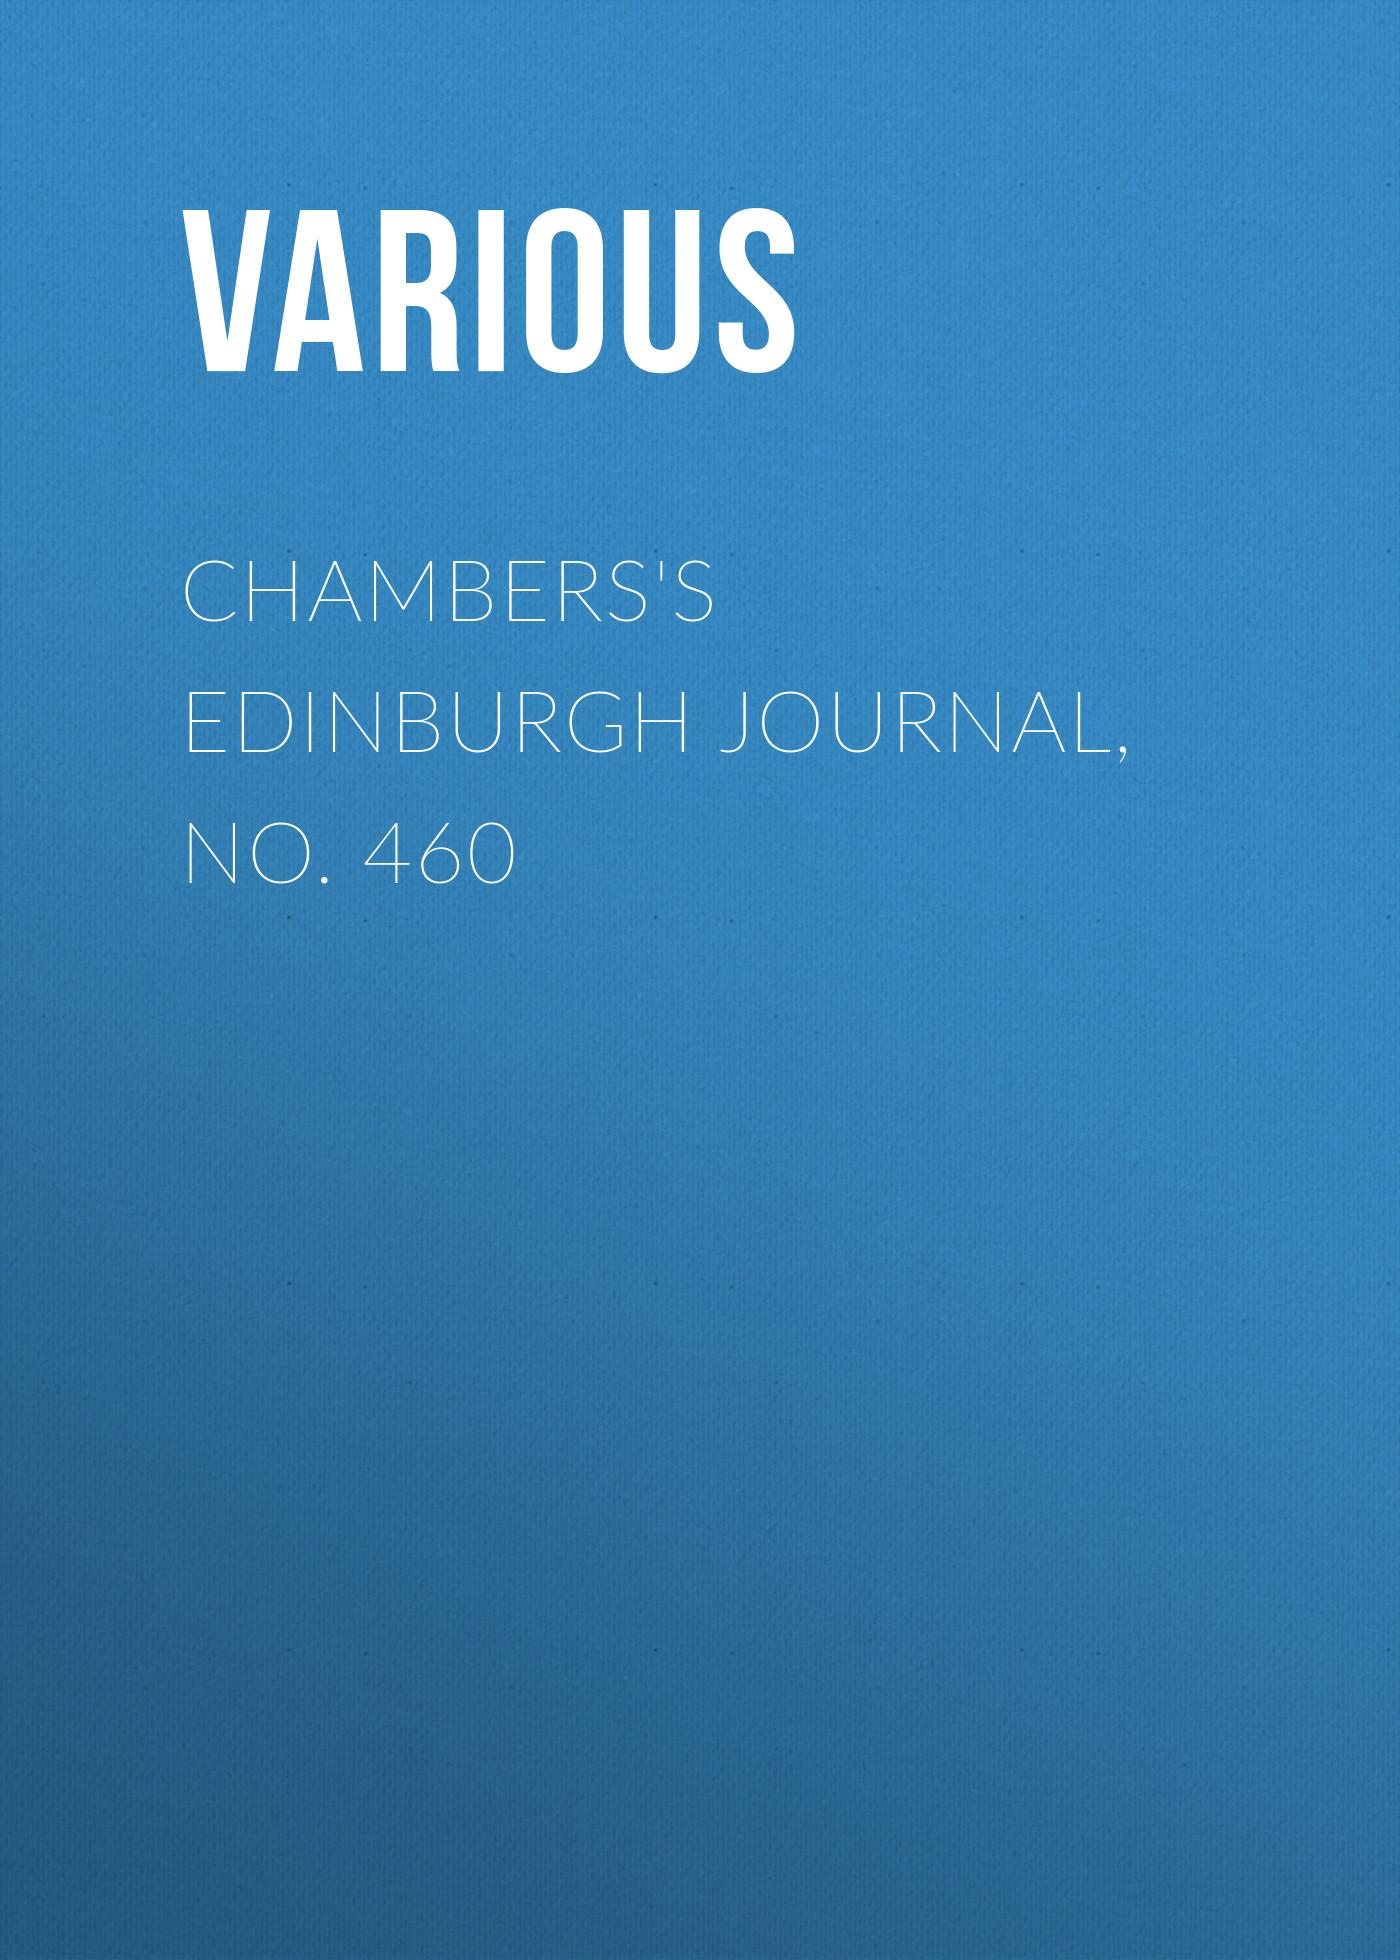 Chambers\'s Edinburgh Journal, No. 460 ( Various  )